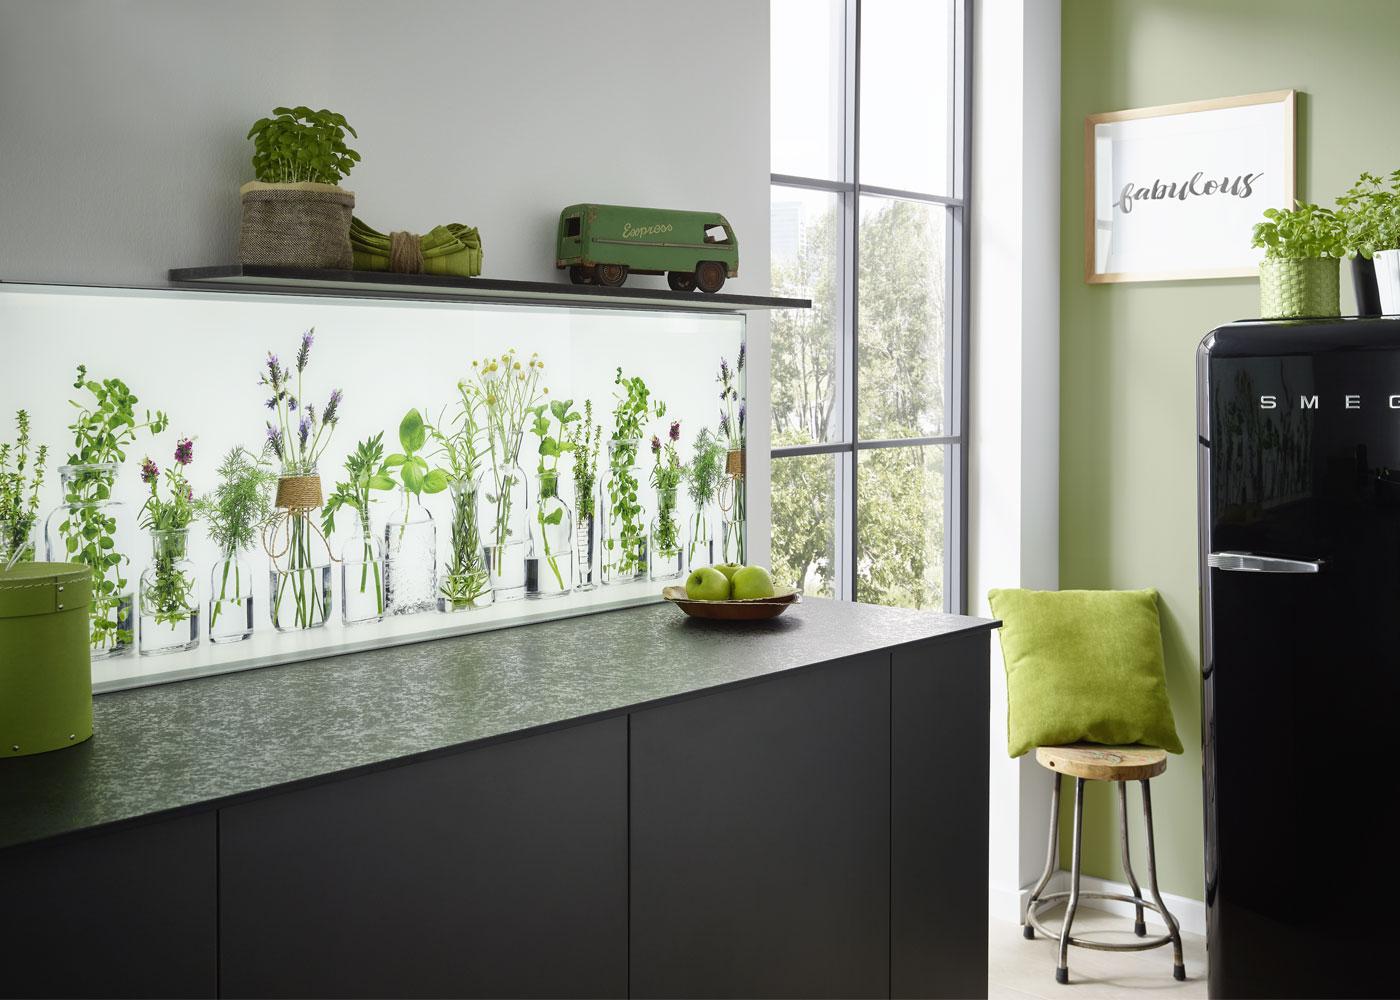 Full Size of Glaswand Küche Spritzschutz Glaswand Küche Wohnzimmer Glaswand Küche Kosten Glaswand Küche Beleuchtet Küche Glaswand Küche